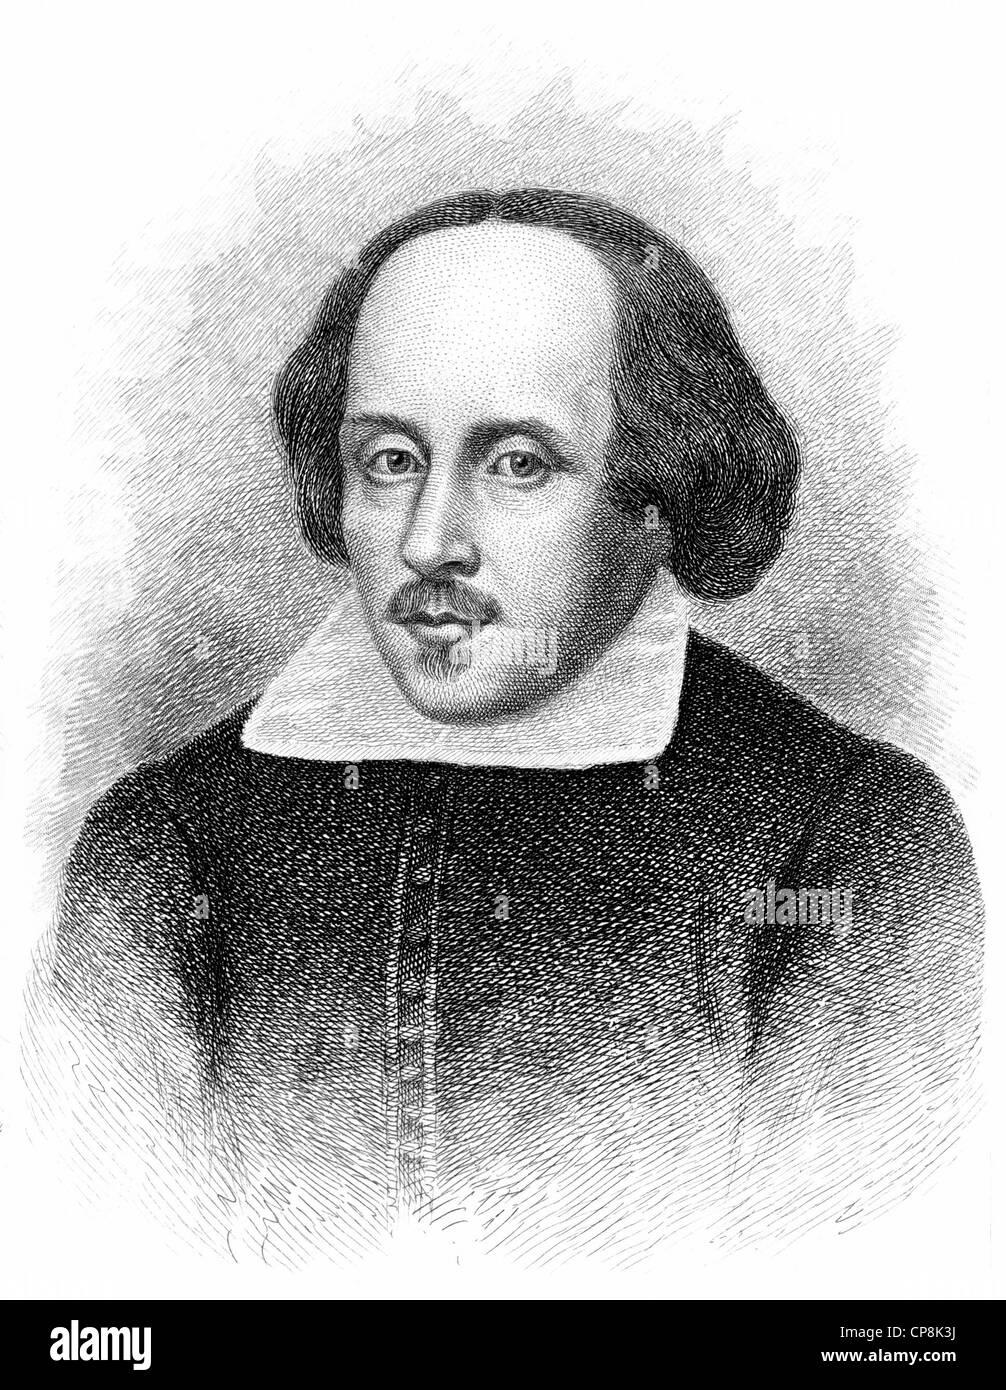 William Shakespeare, 1564 - 1616, an English playwright, poet and actor, Historischer Kupferstich, Portrait von - Stock Image